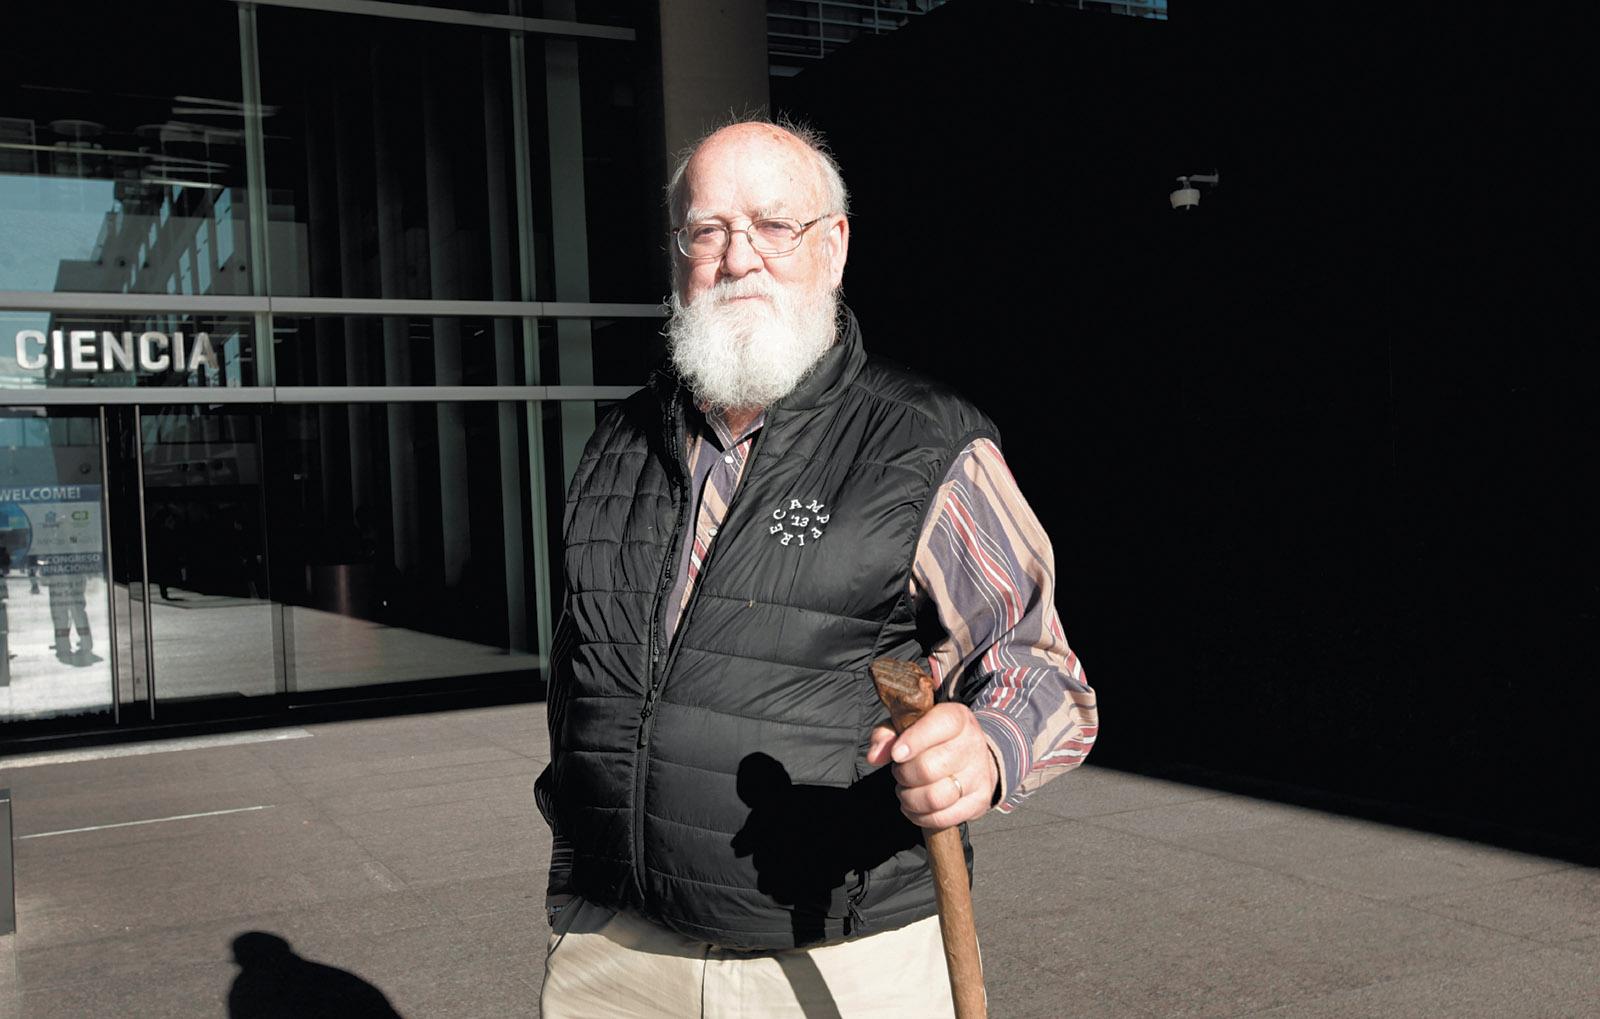 Daniel Dennett at the Centro Cultural de la Ciencia, Buenos Aires, Argentina, June 2016